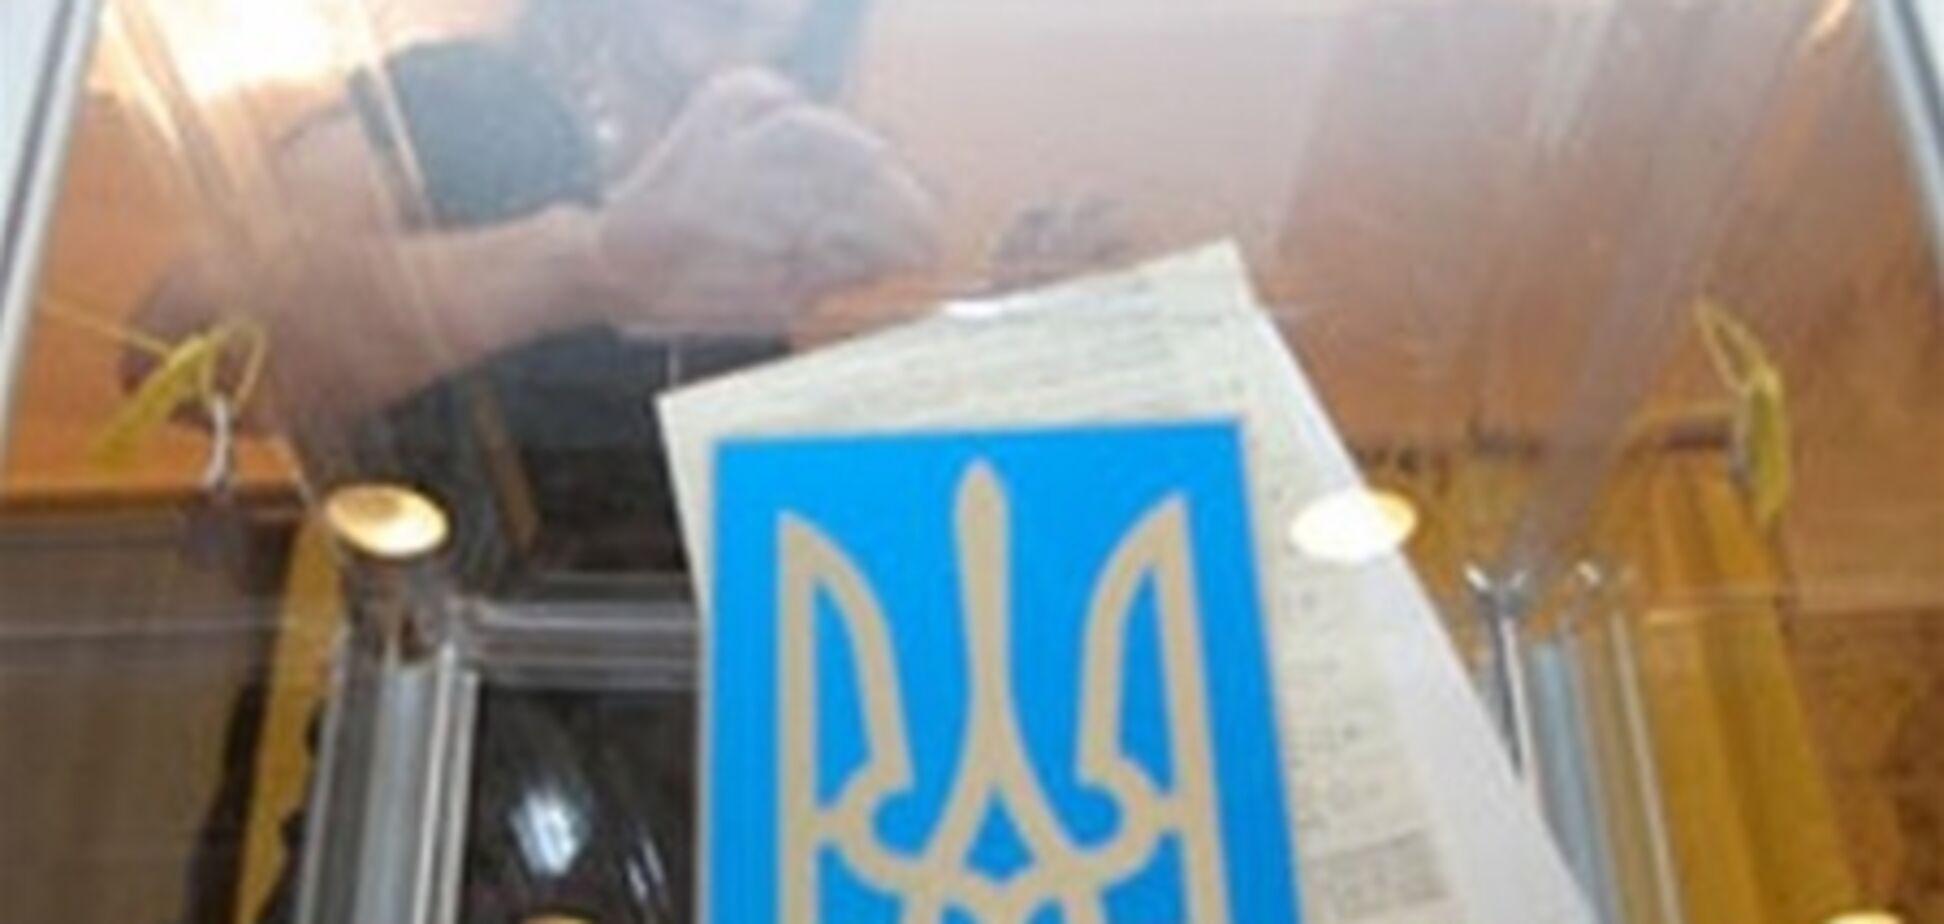 Мажоритарка закриє популістам дорогу в парламент - Луцький